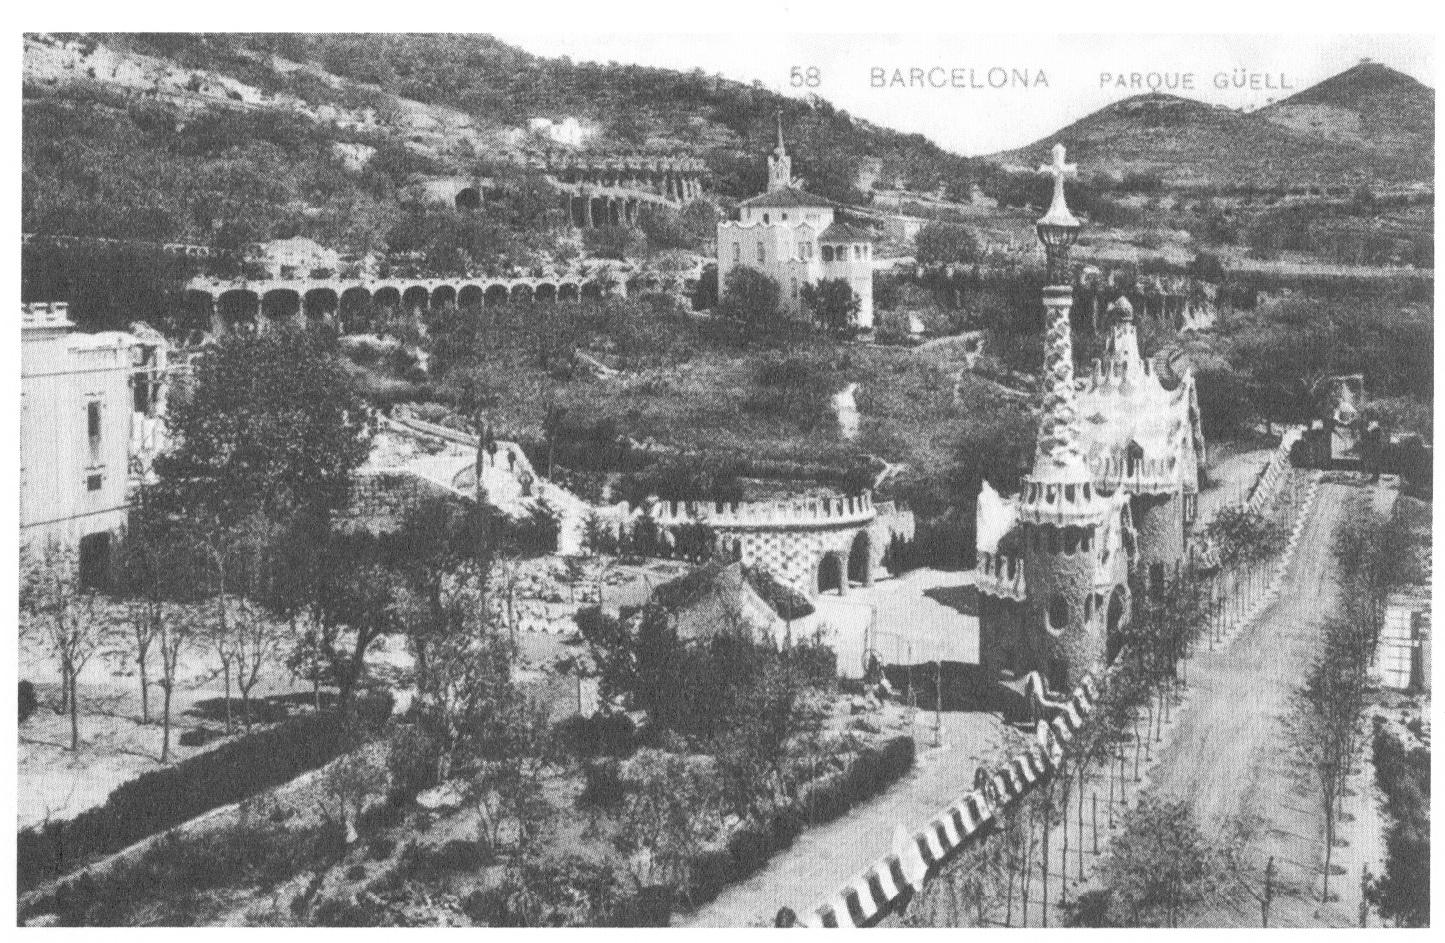 1906 Primer jardí de la Casa Larrard, s'estan construint els garatges, 1906. Autor desconegut. CCEG-AMDG- passada a BiN